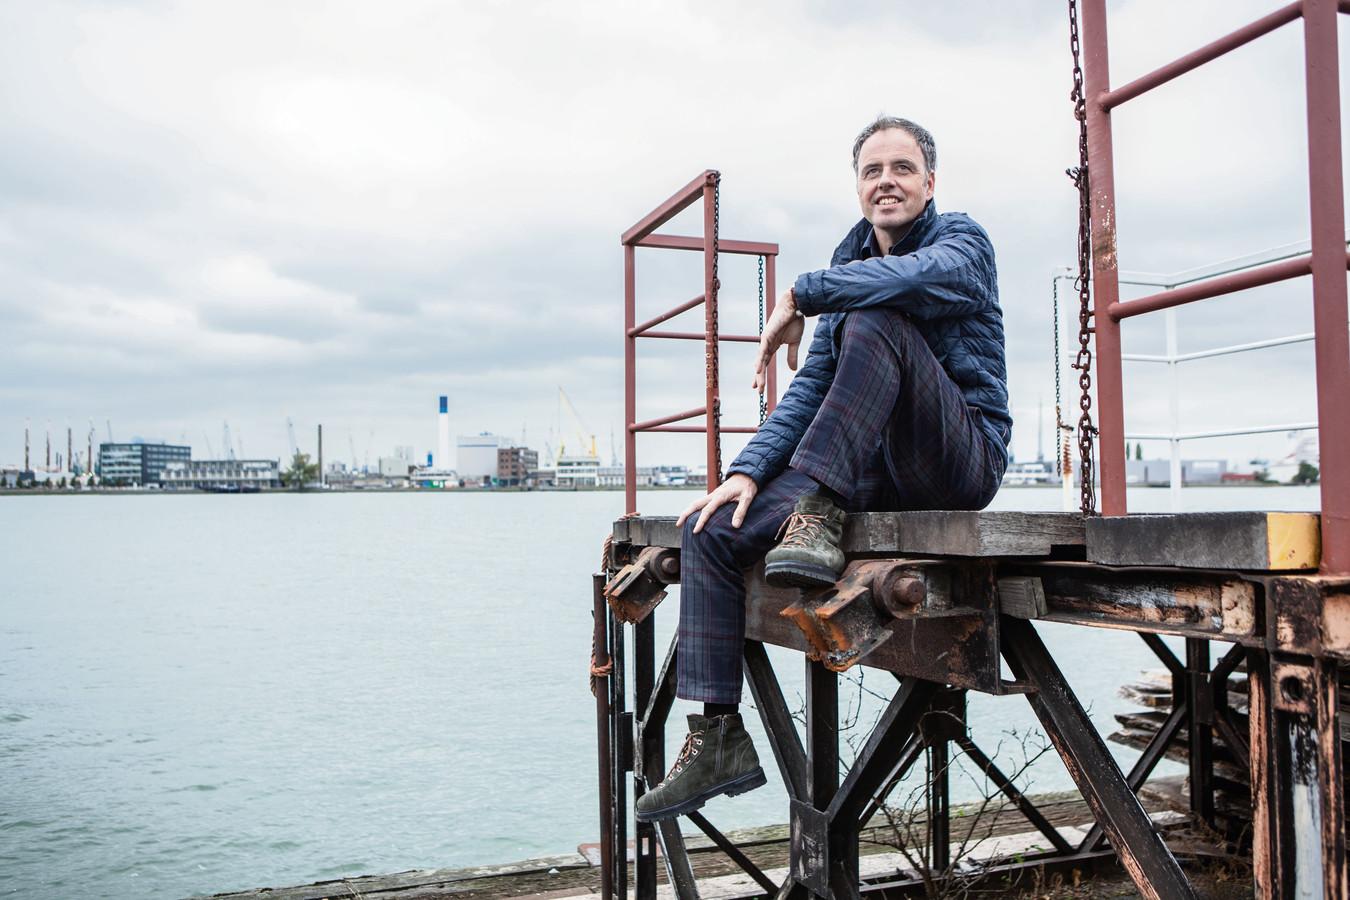 Landschapsarchitect Adriaan Geuze over klimaatverandering in de Baronie van Breda.